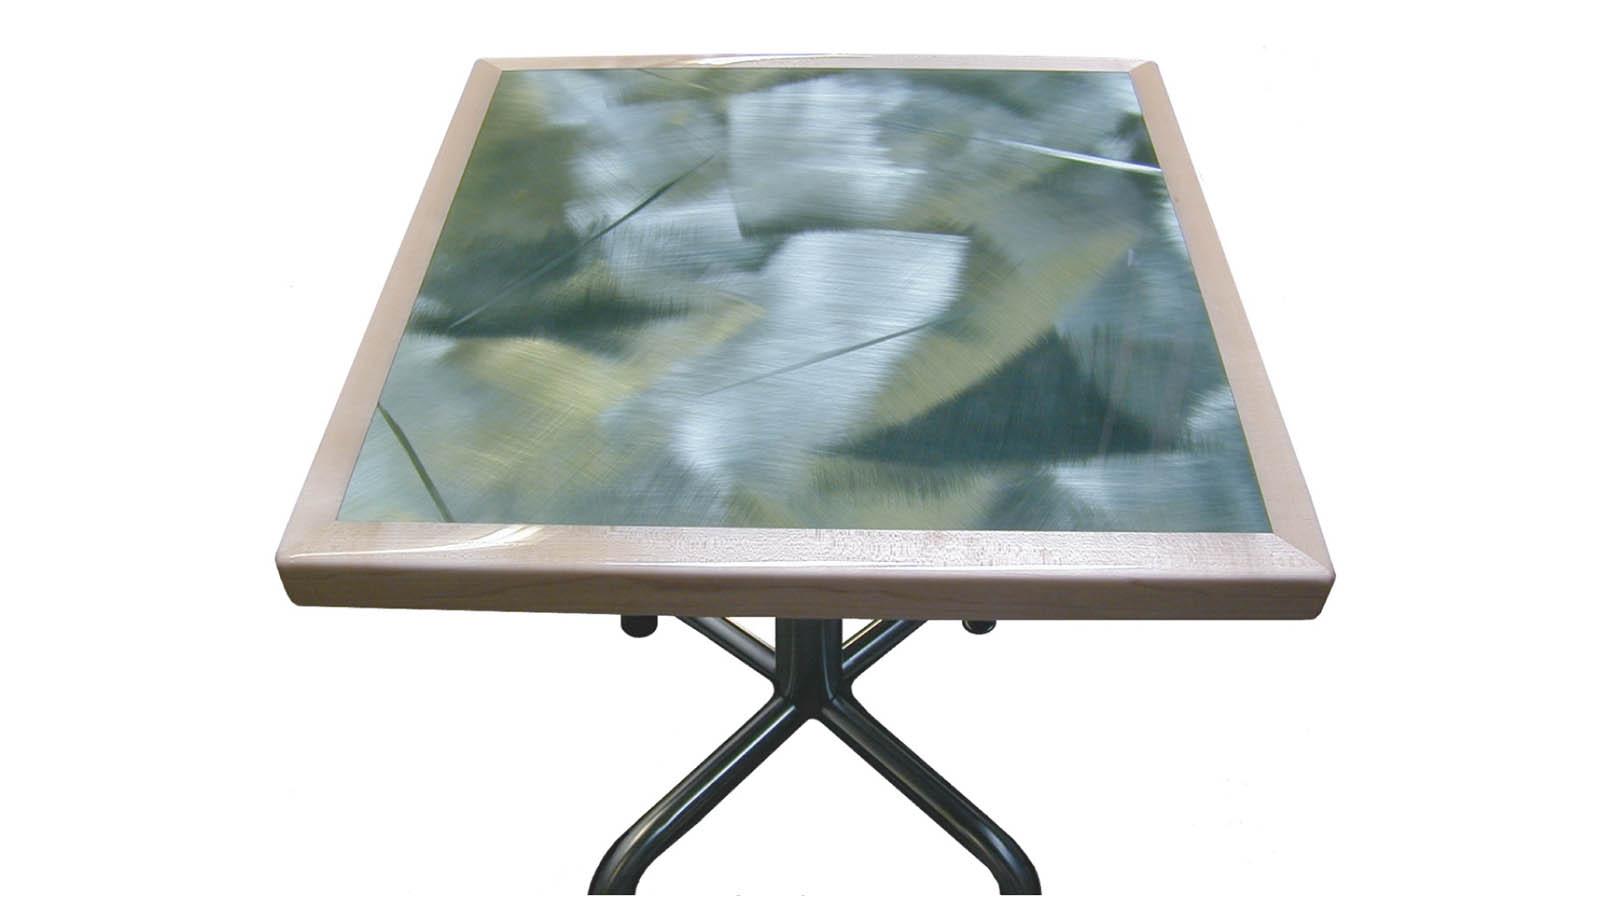 Moz Designer Metals, Table Tops, Aluminum, Decorative Metal